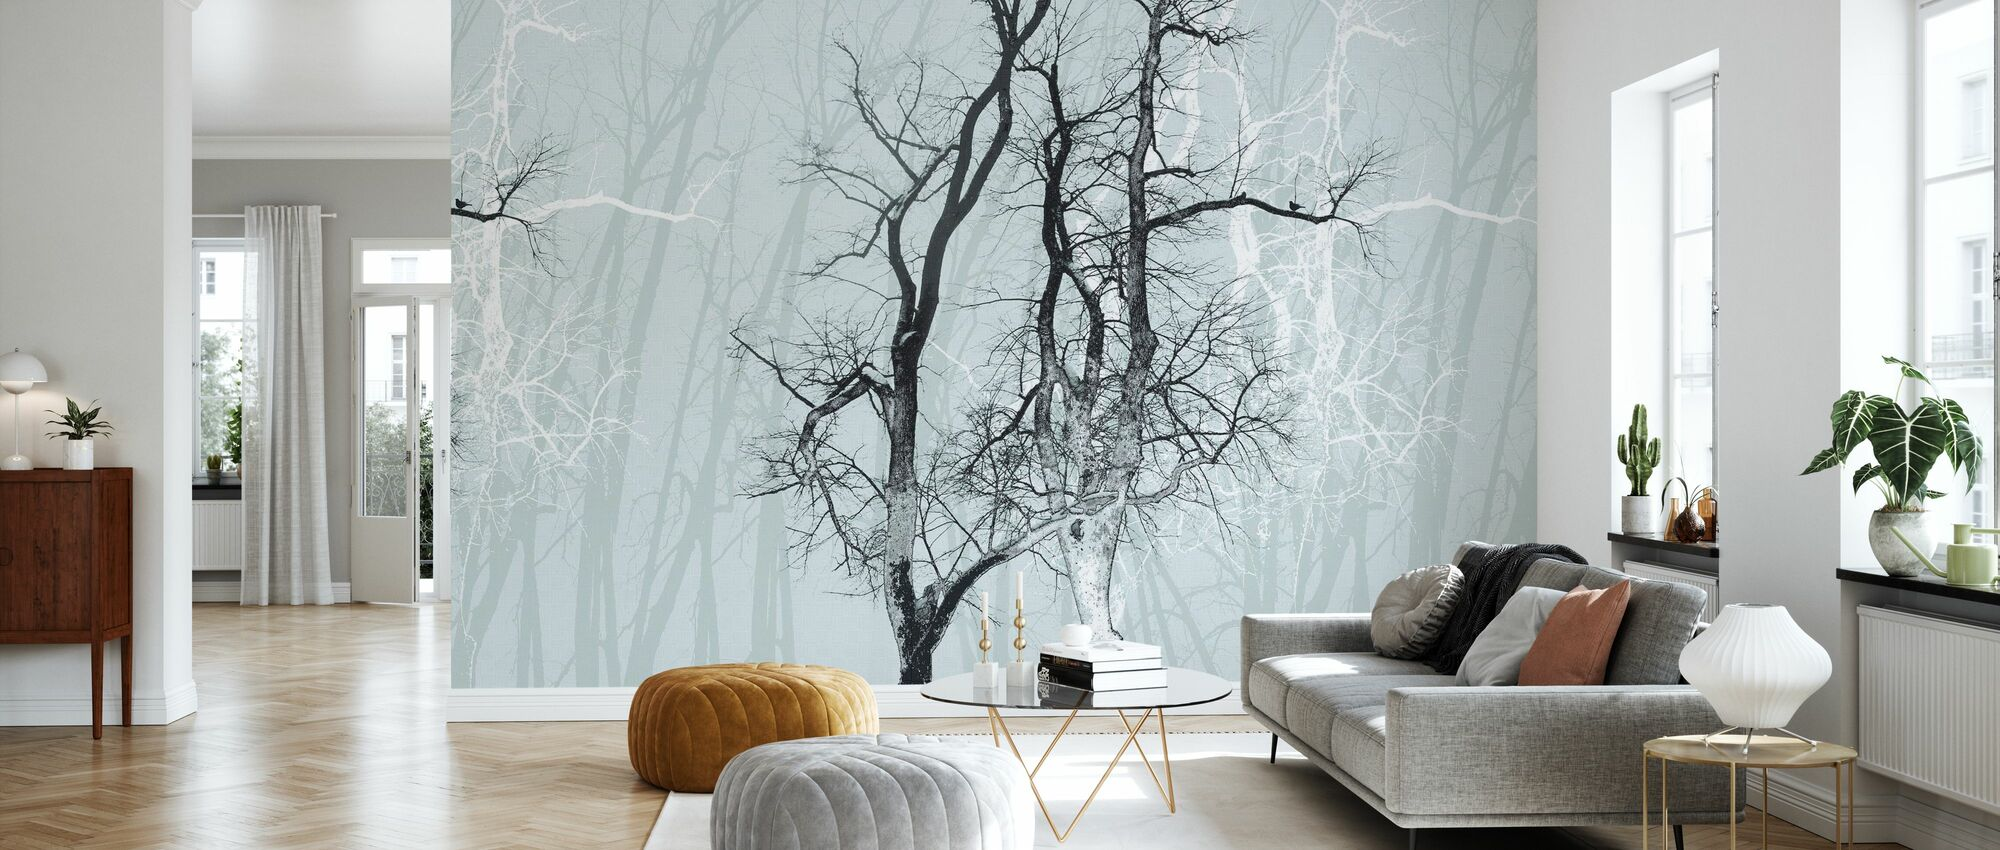 Dwalende Hout Frost - Behang - Woonkamer